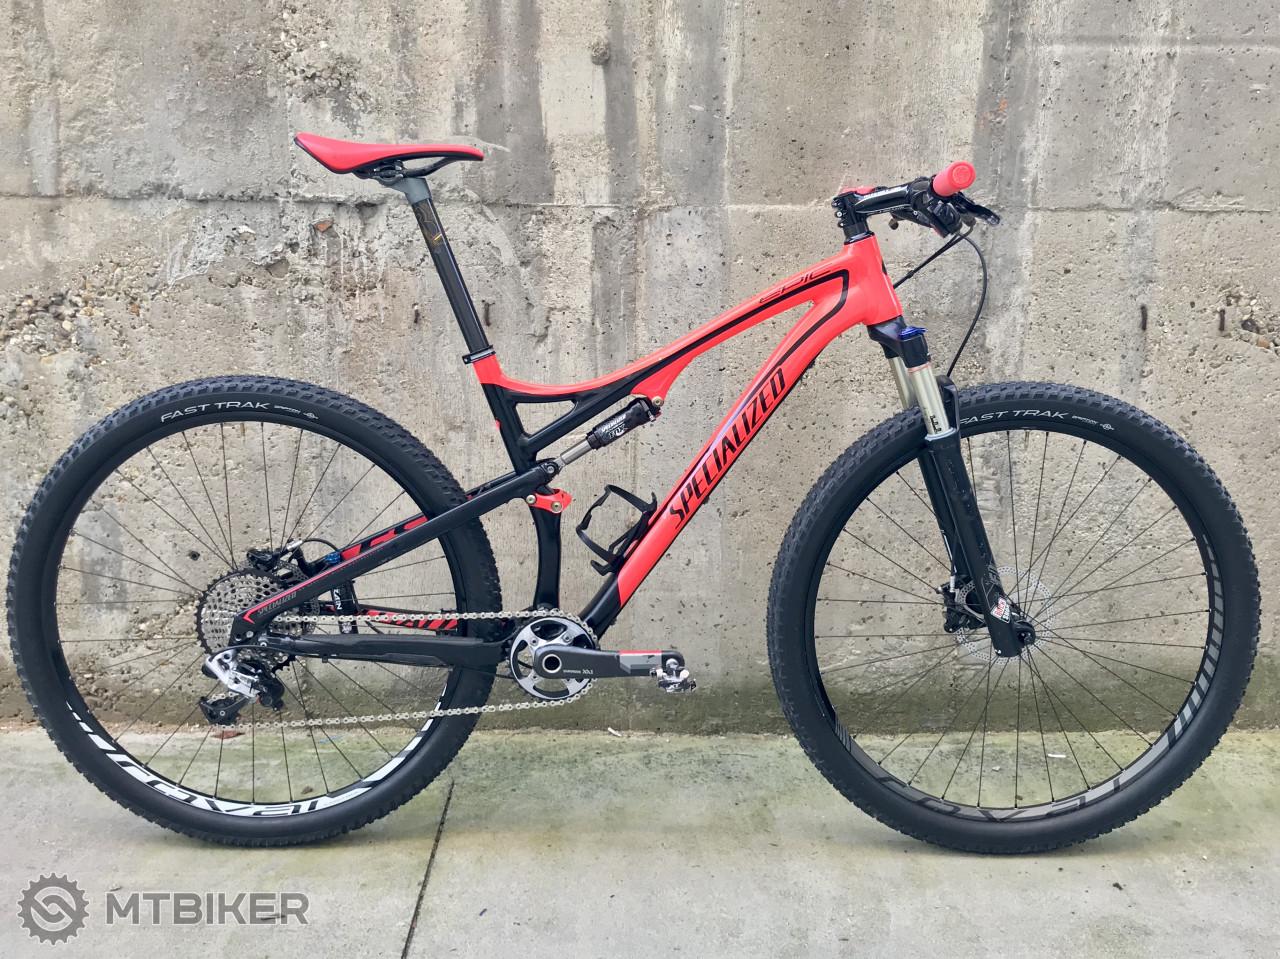 02733b074d691 Specialized Epic Comp 29 Velk.l - Bicykle - Celoodpružené - Bazár MTBIKER